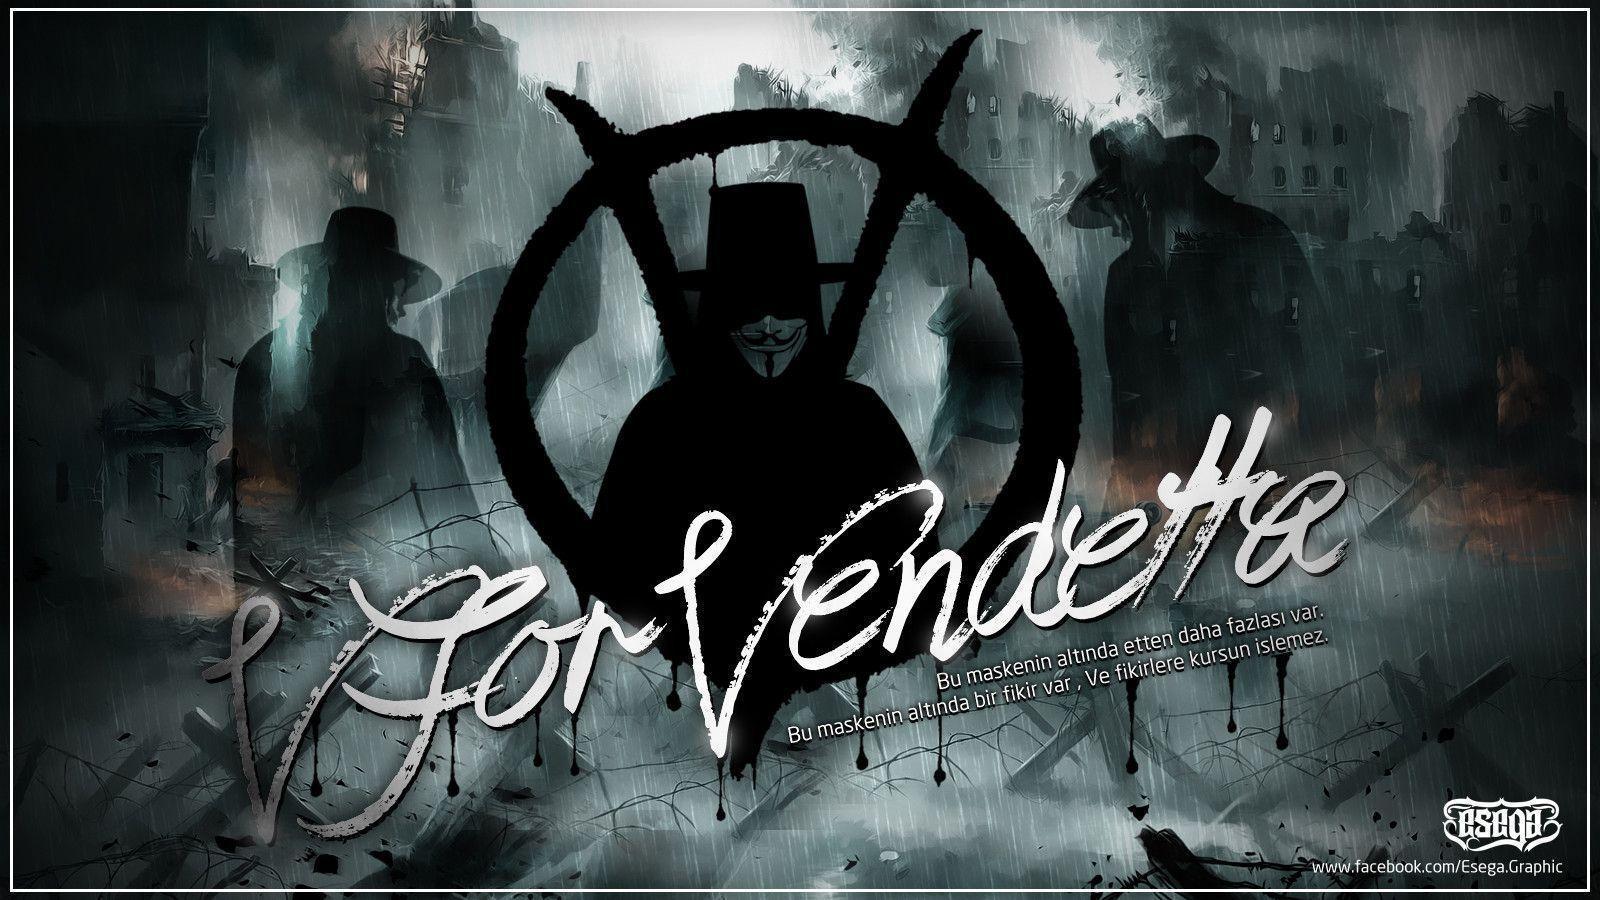 V For Vendetta Movie Wallpaper V For Vendetta Wallpap...